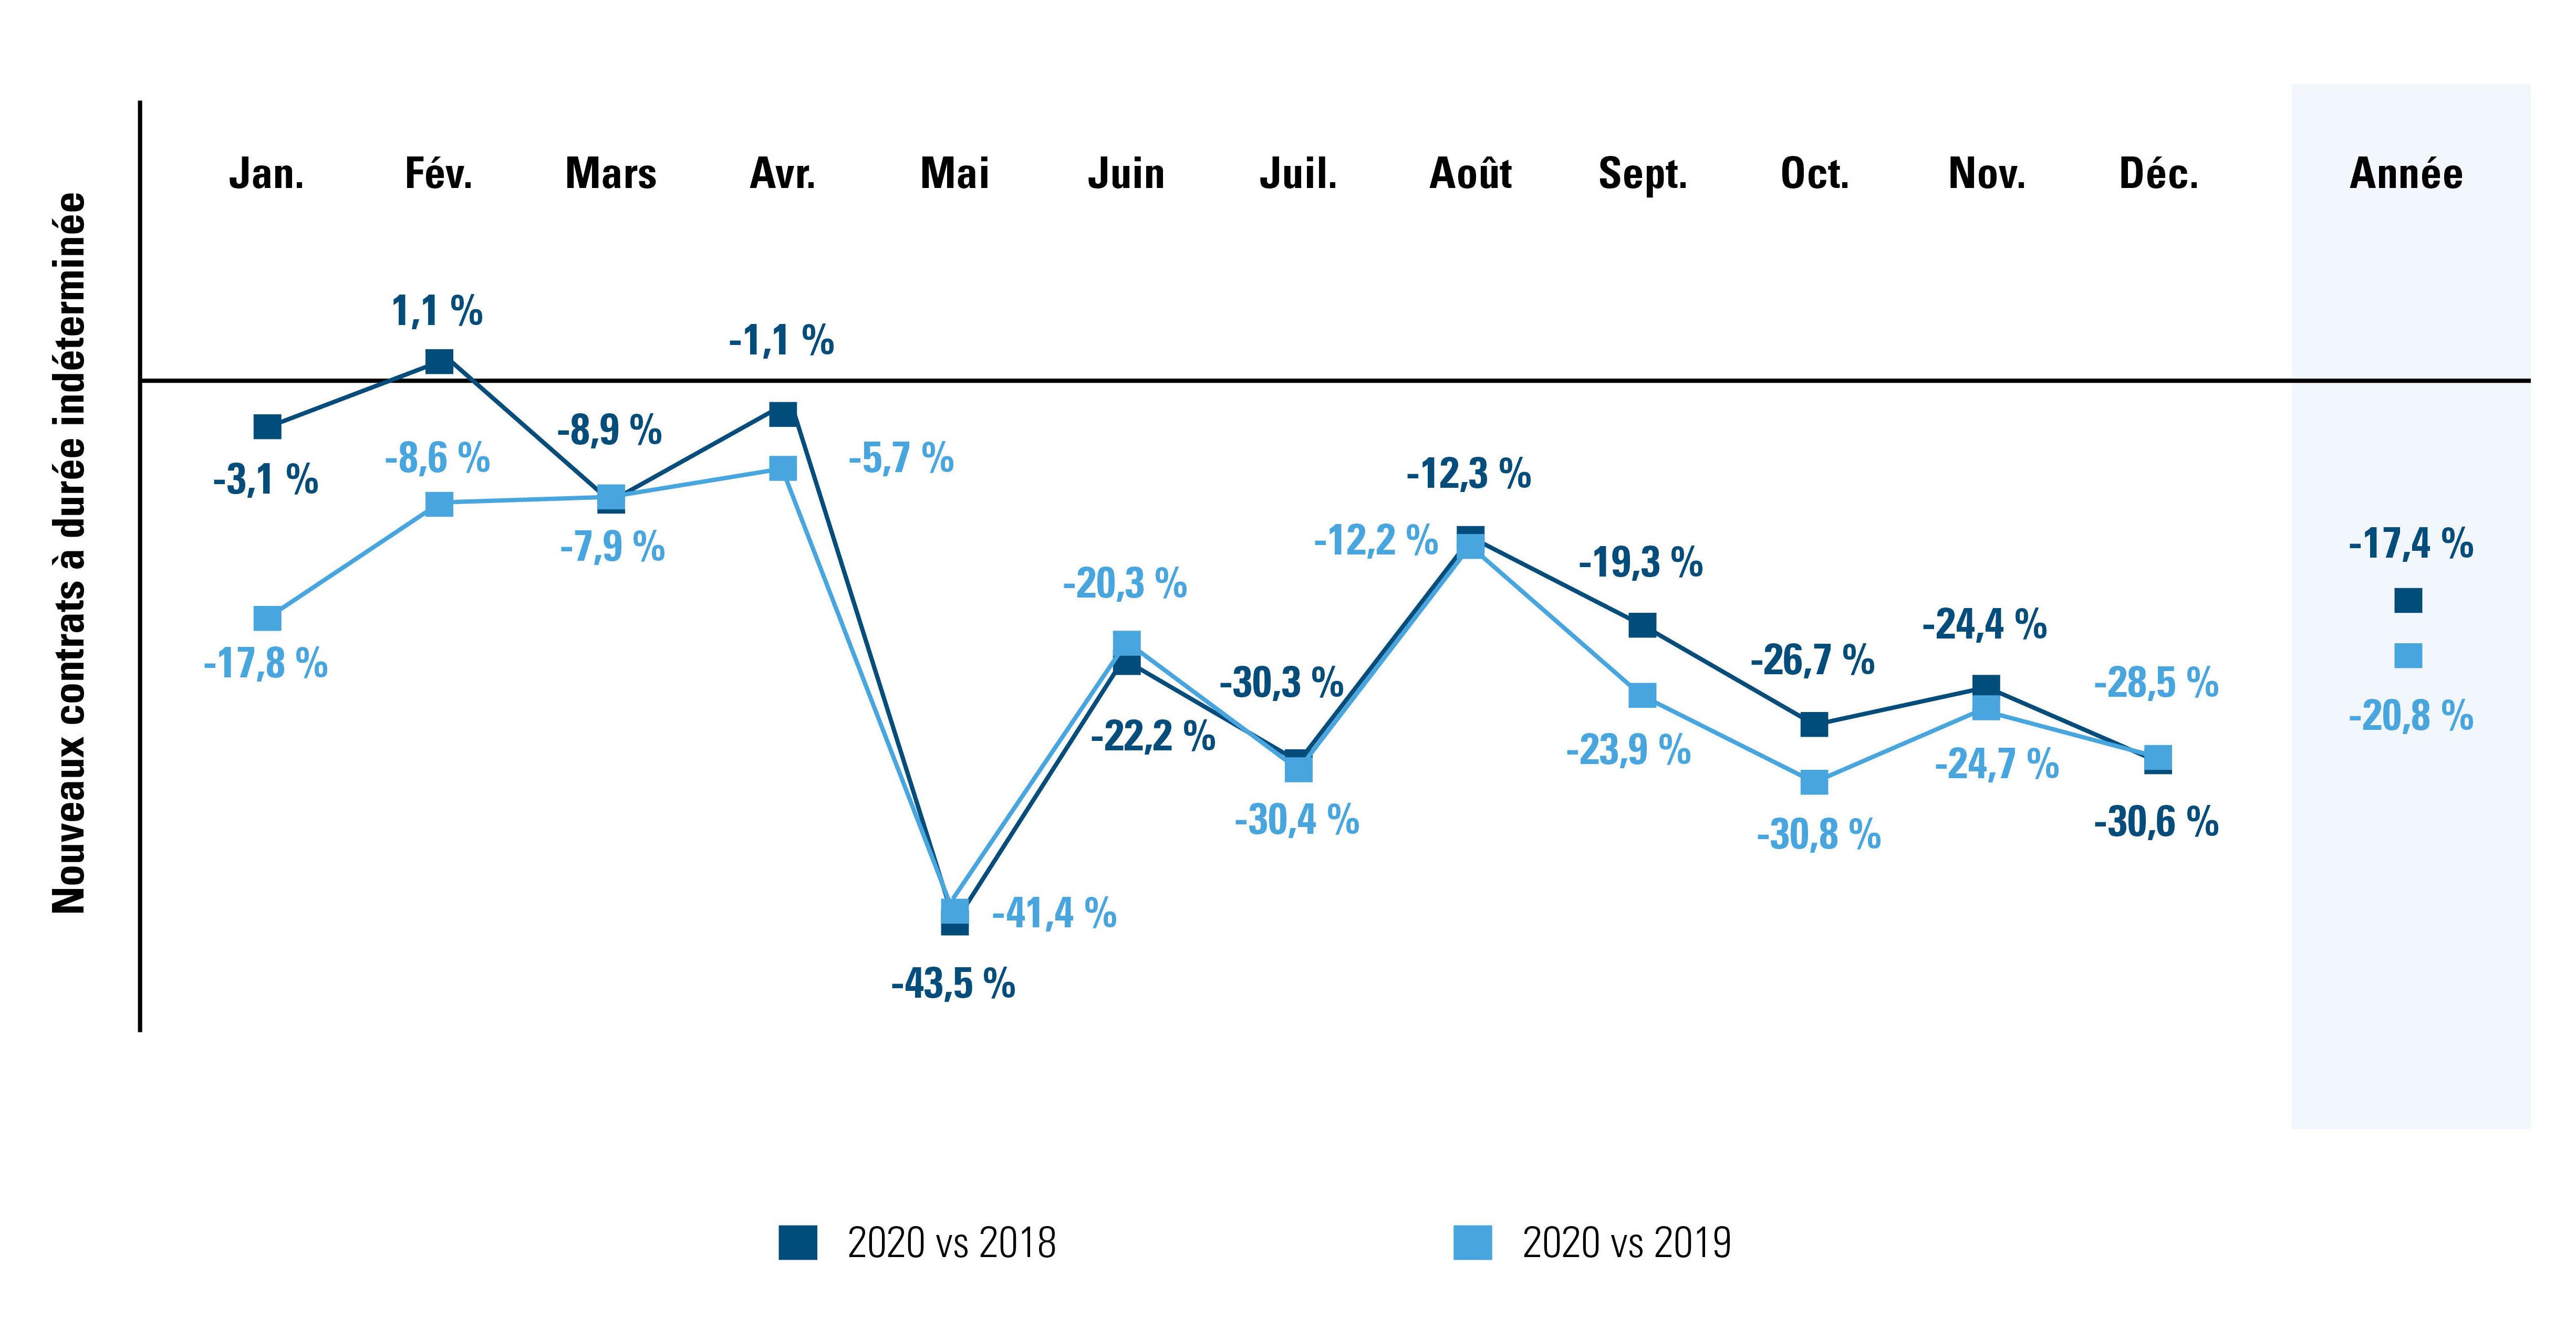 Comparaison du nombre de contrats à durée indéterminée conclus en 2020 par rapport à 2018 et à 2019